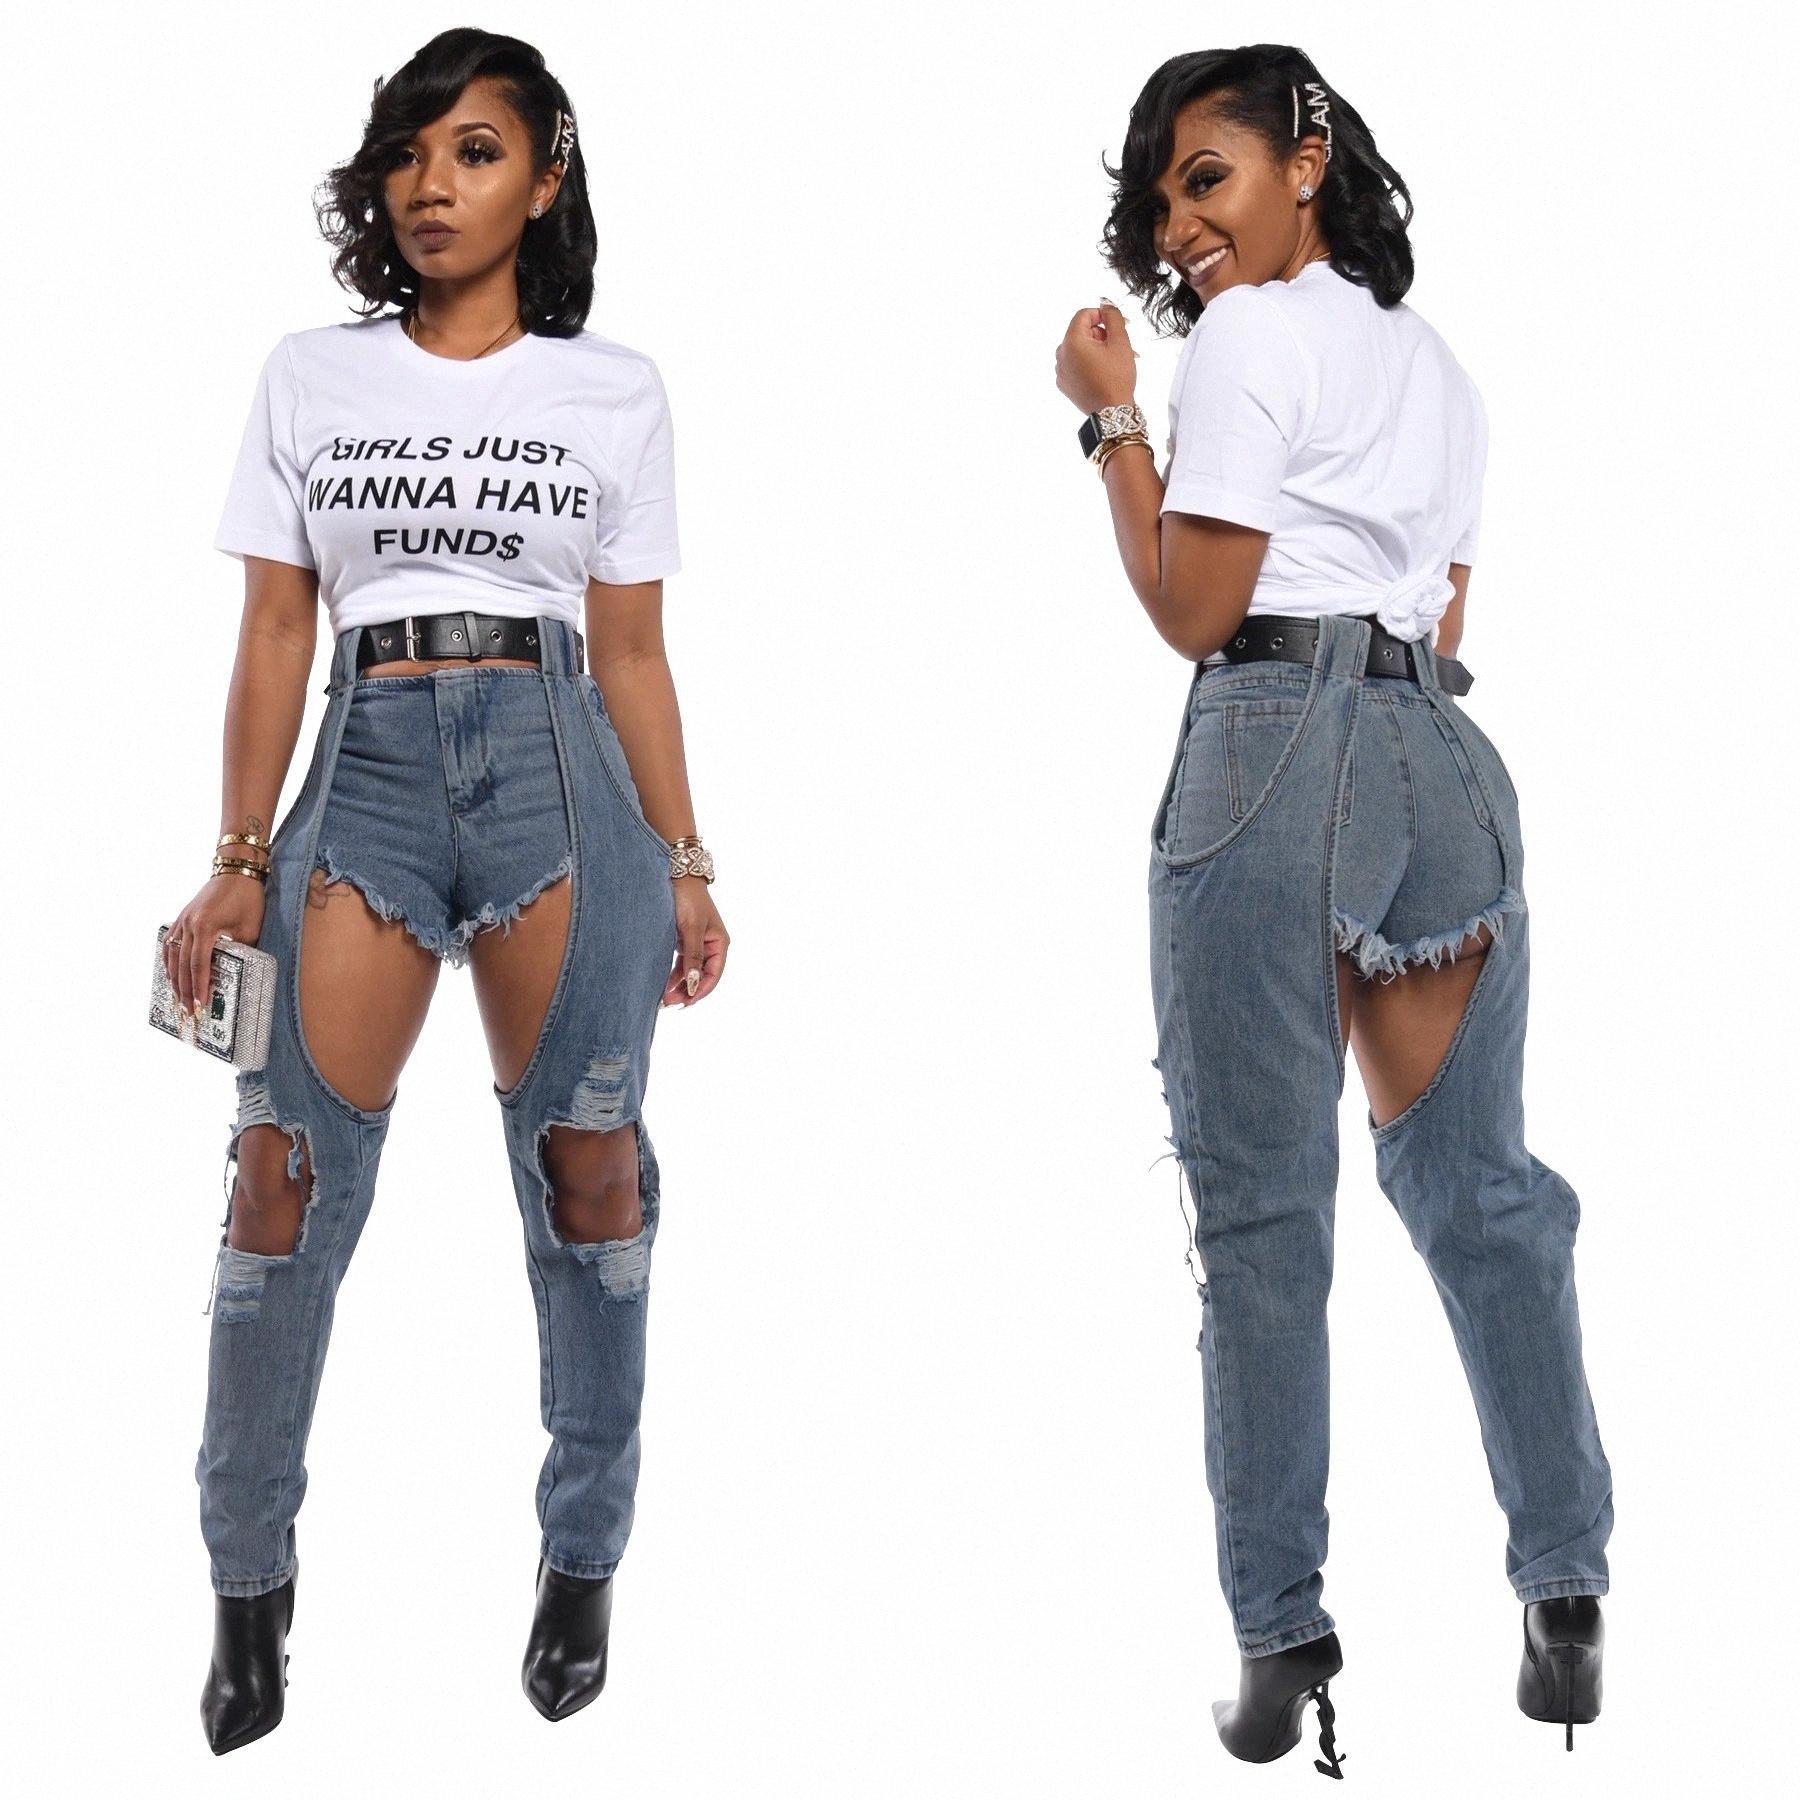 Compre Nuevo Mas El Tamano De 2xl Rasgada Para Mujer Irregular Rasgado Agujero Denim Jeans Mujeres De Cintura Alta Pantalones Trajes De Mujer Pantalones Rasgados Ogif A 20 85 Del Winsdo Dhgate Com